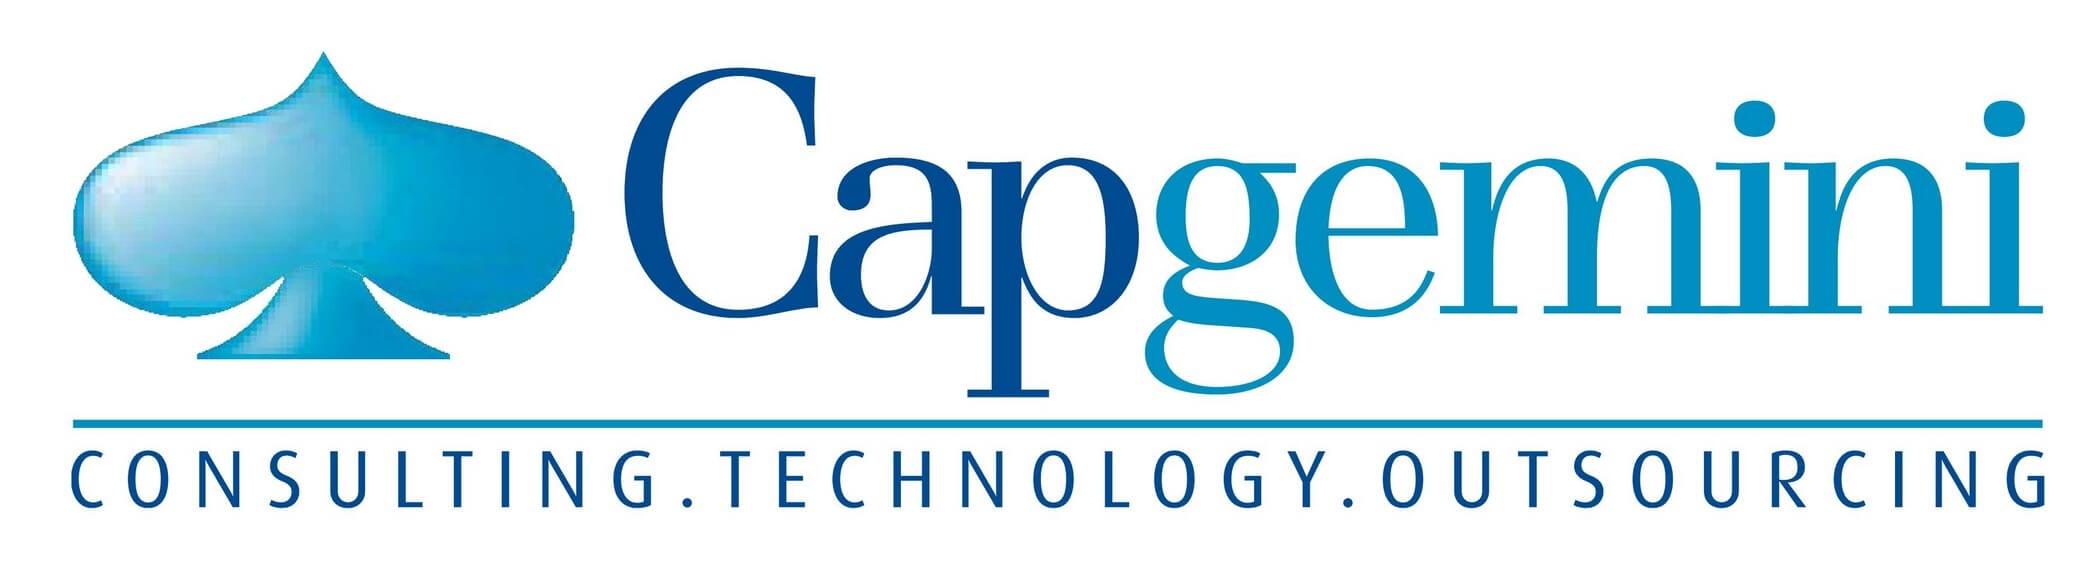 Capgemini Logo png